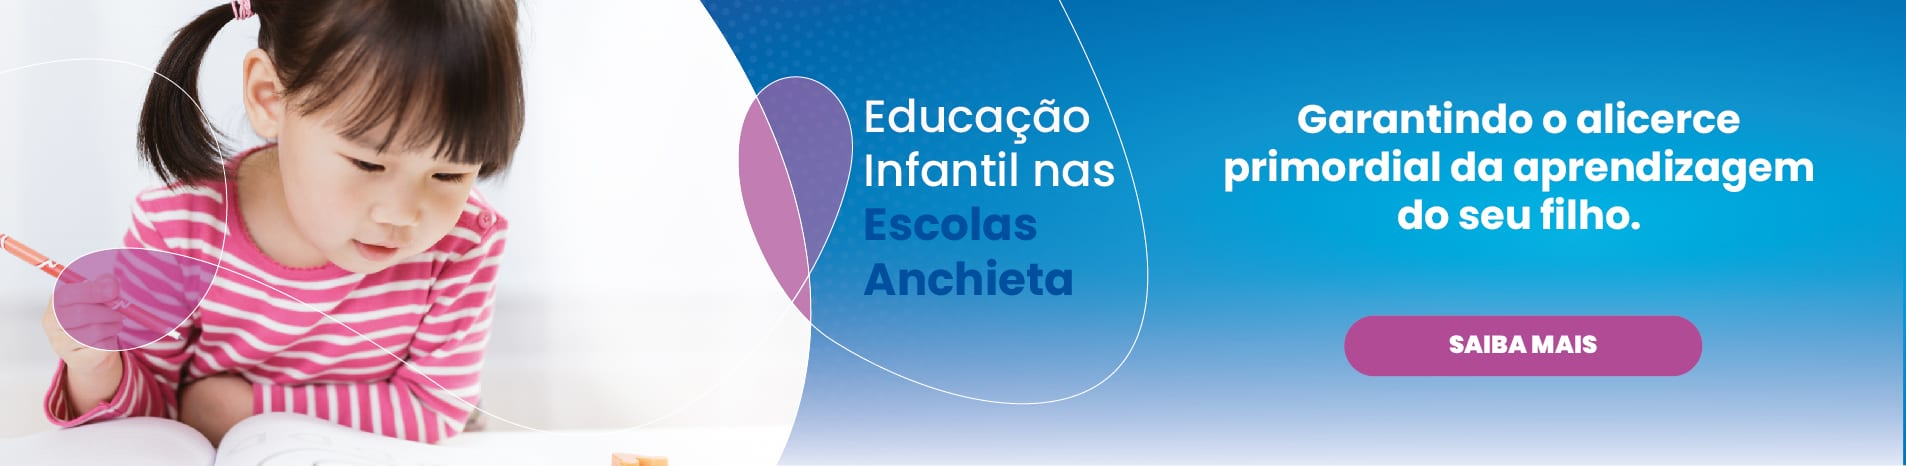 banner-escolas-educacao-infantil